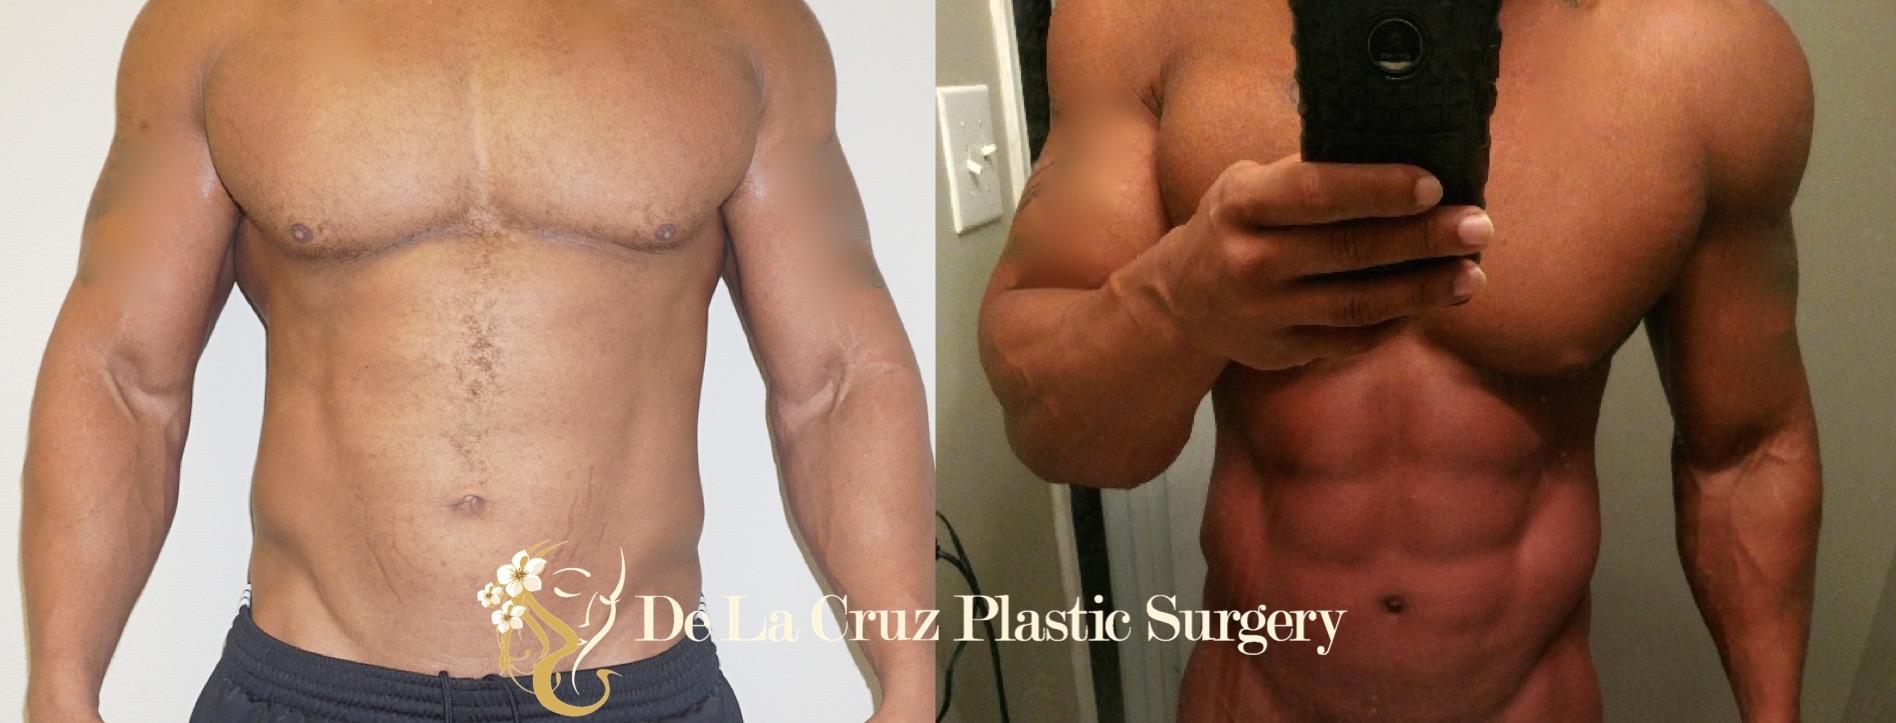 Before and After 4D VASER Hi-Definition Liposuction (8 weeks after surgery) performed by Dr. Emmanuel De La Cruz MD